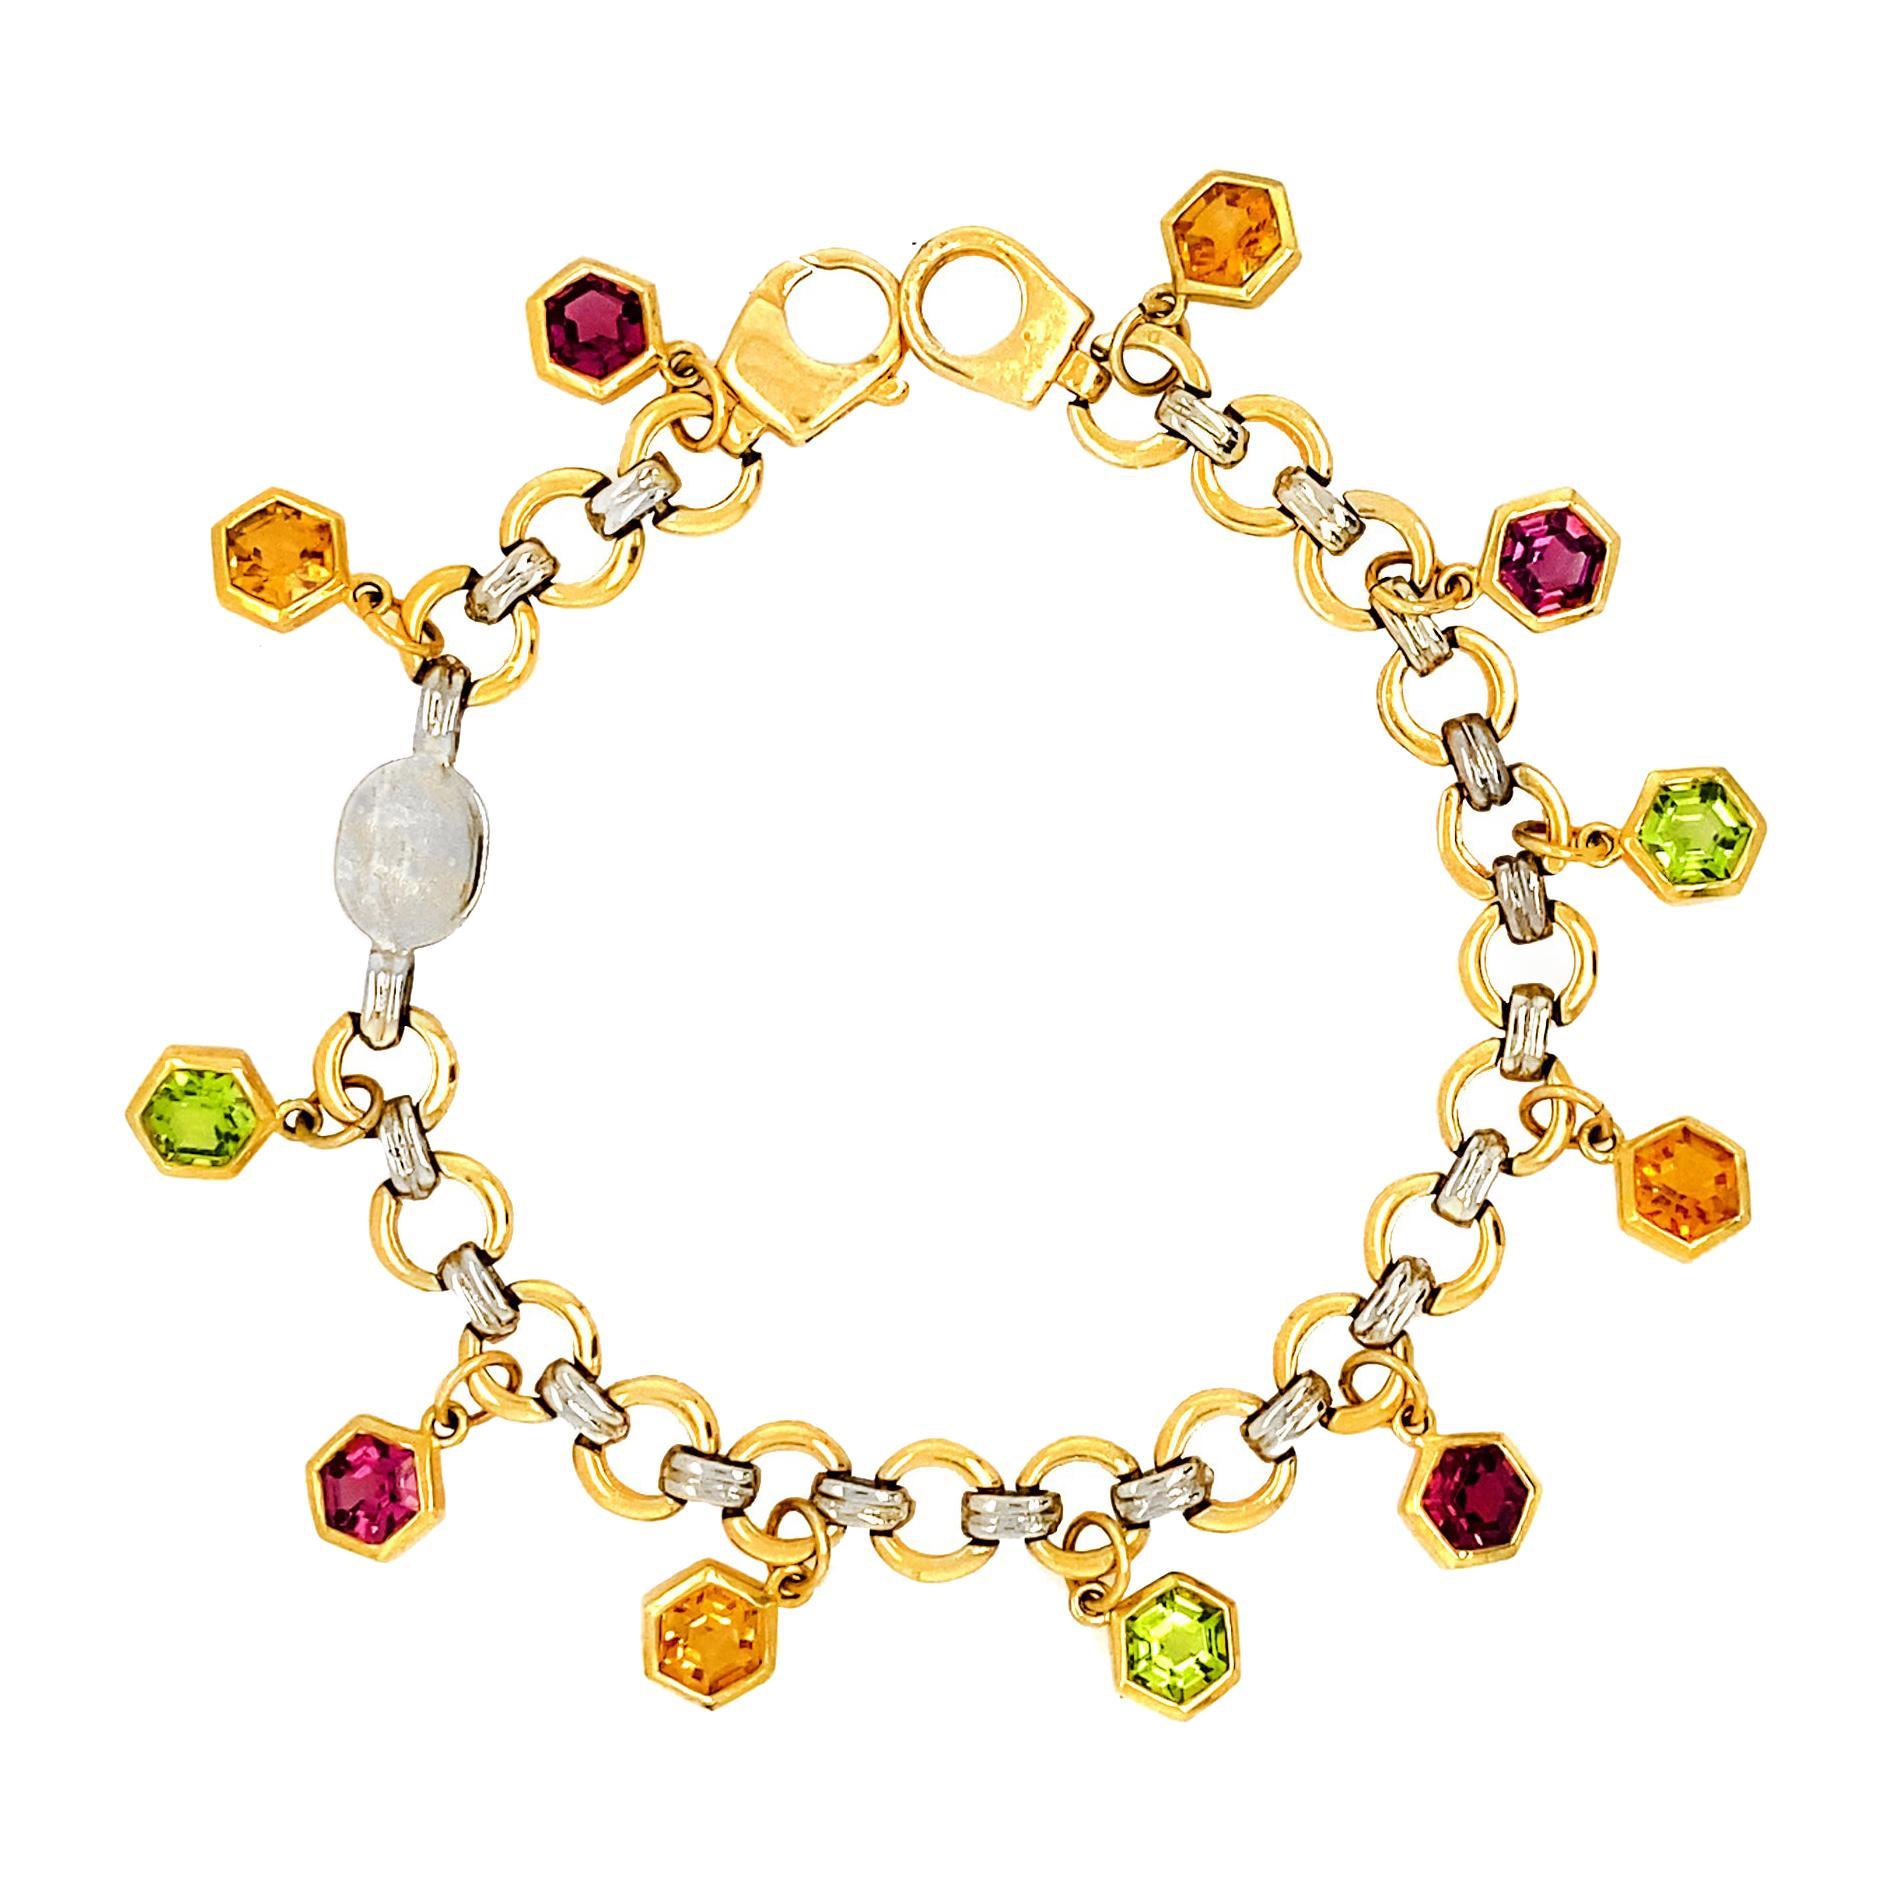 18K Gold Mulmigem Bracelet